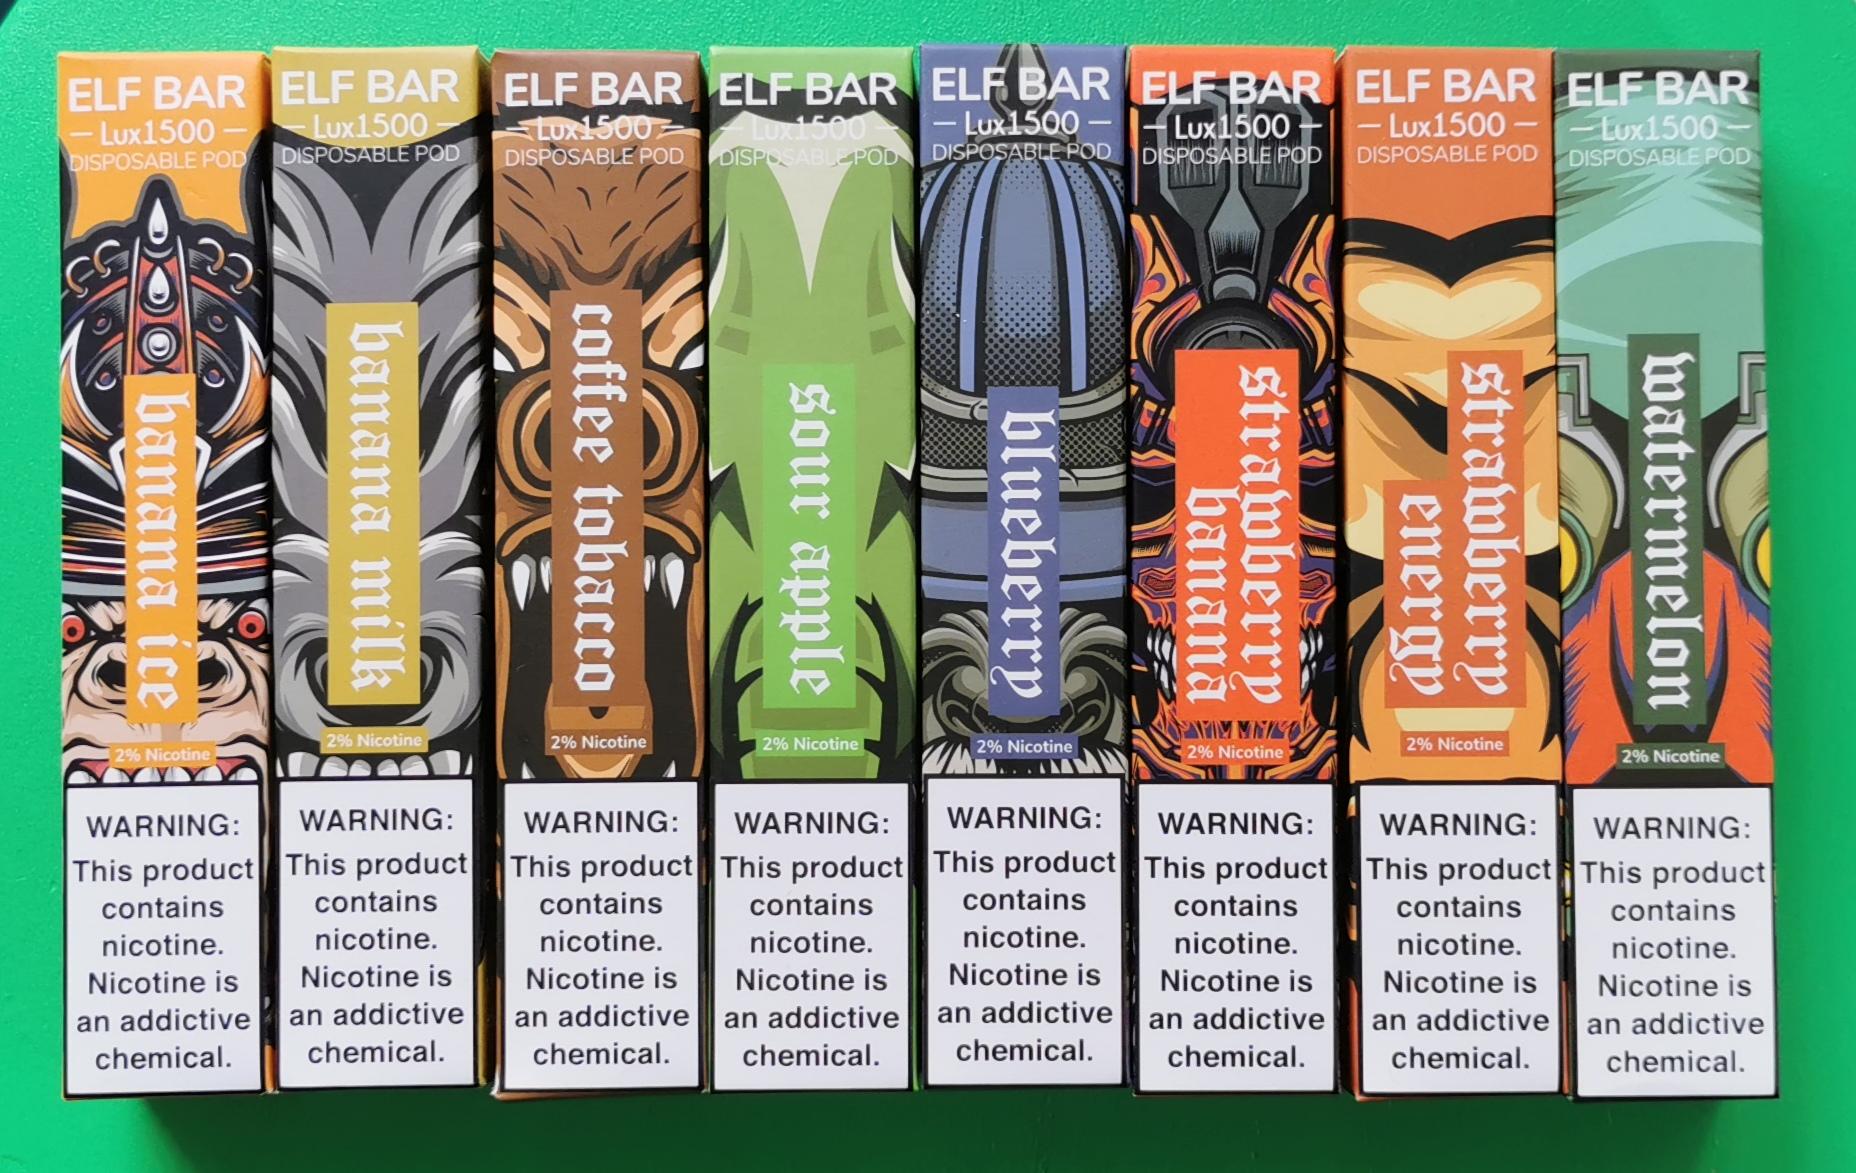 ELF Bar 1500LUX Disposable Vape Pen